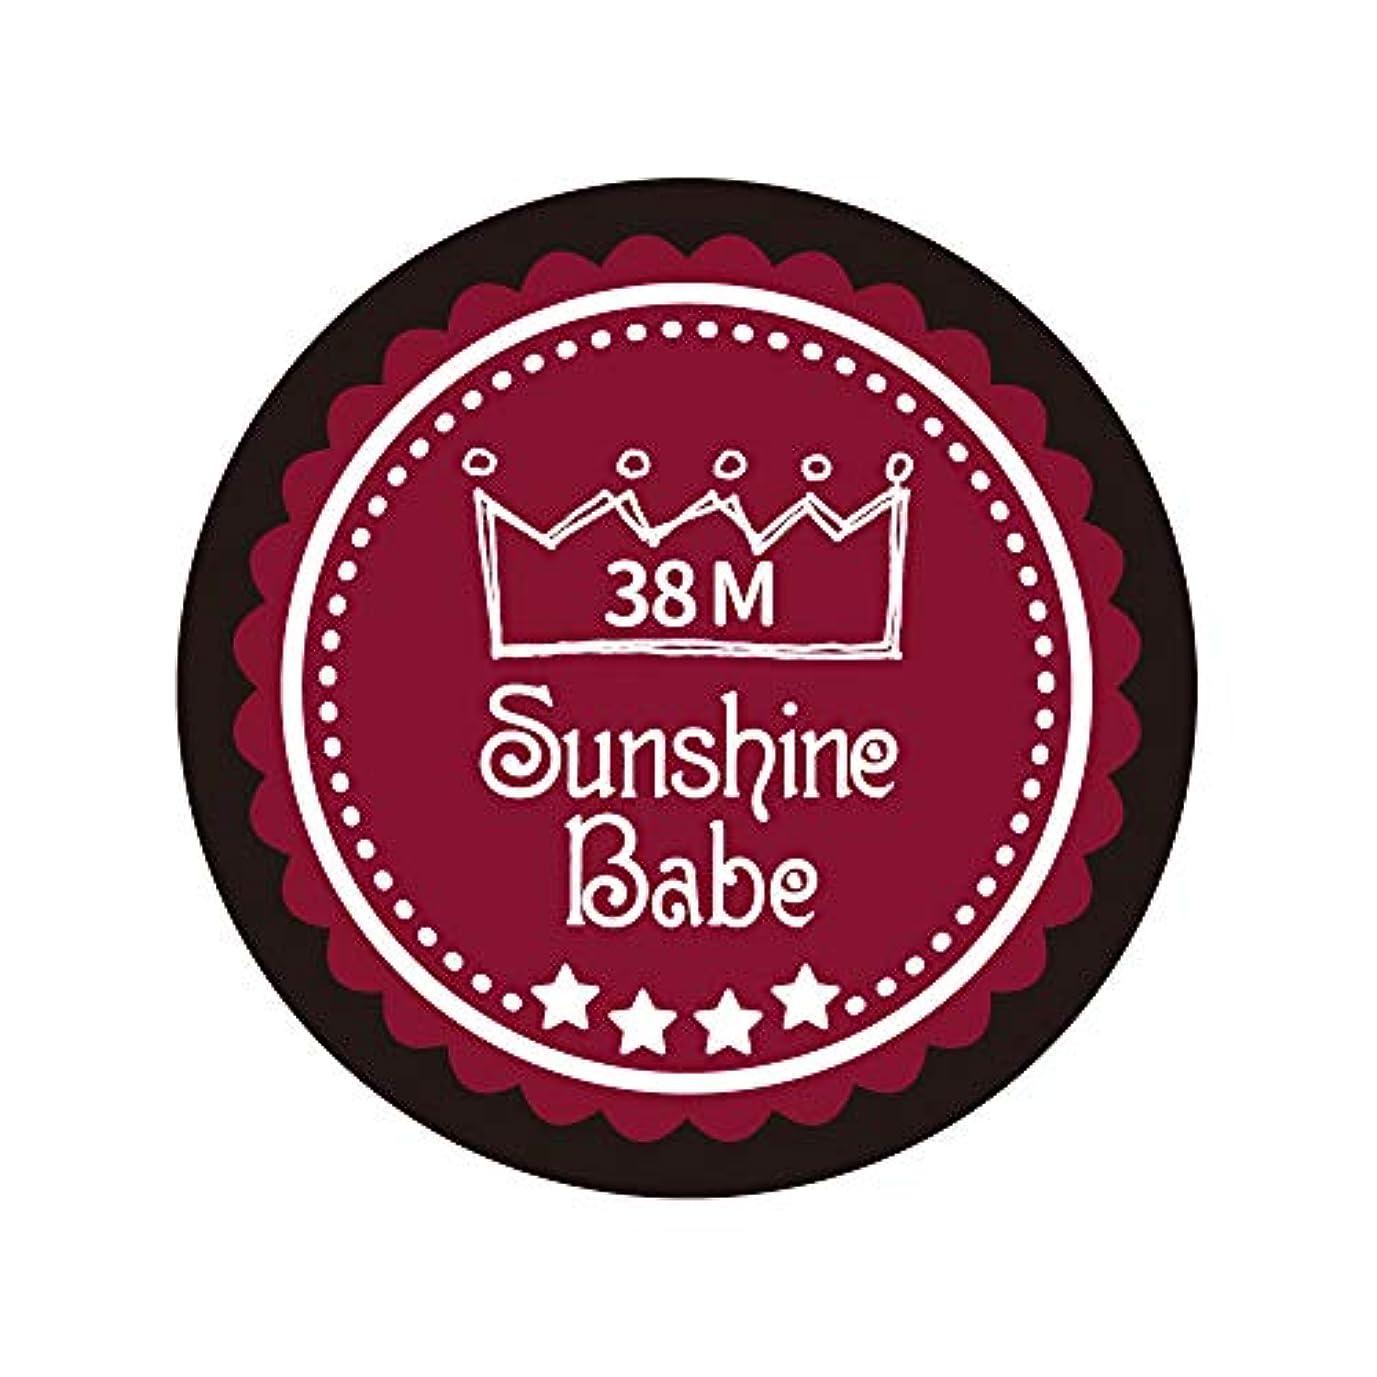 偽狭いレベルSunshine Babe カラージェル 38M レッドペア 4g UV/LED対応